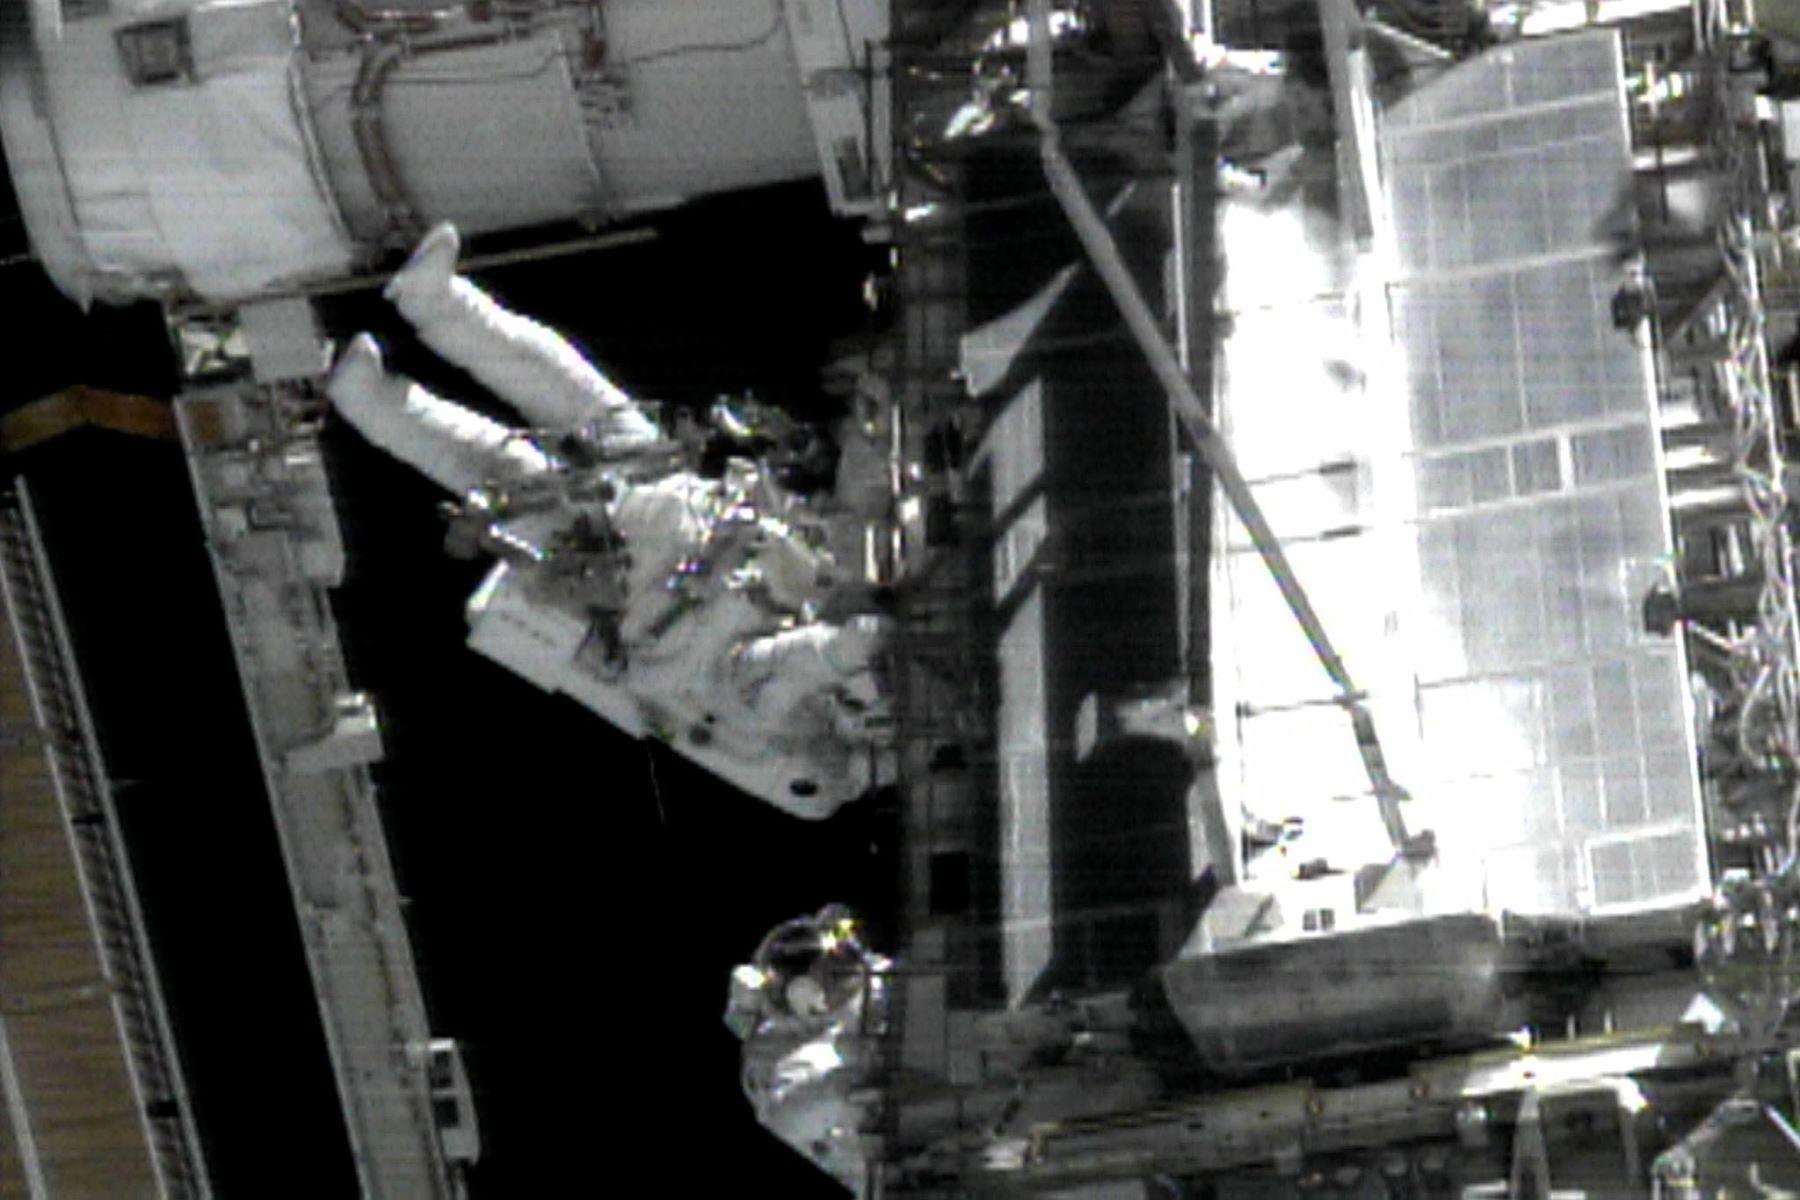 El tripulante del transbordador espacial Endeavour Carlos Noriega, trabaja desde el brazo robot del transbordador, el 3 de diciembre de 2000. Foto: AFP